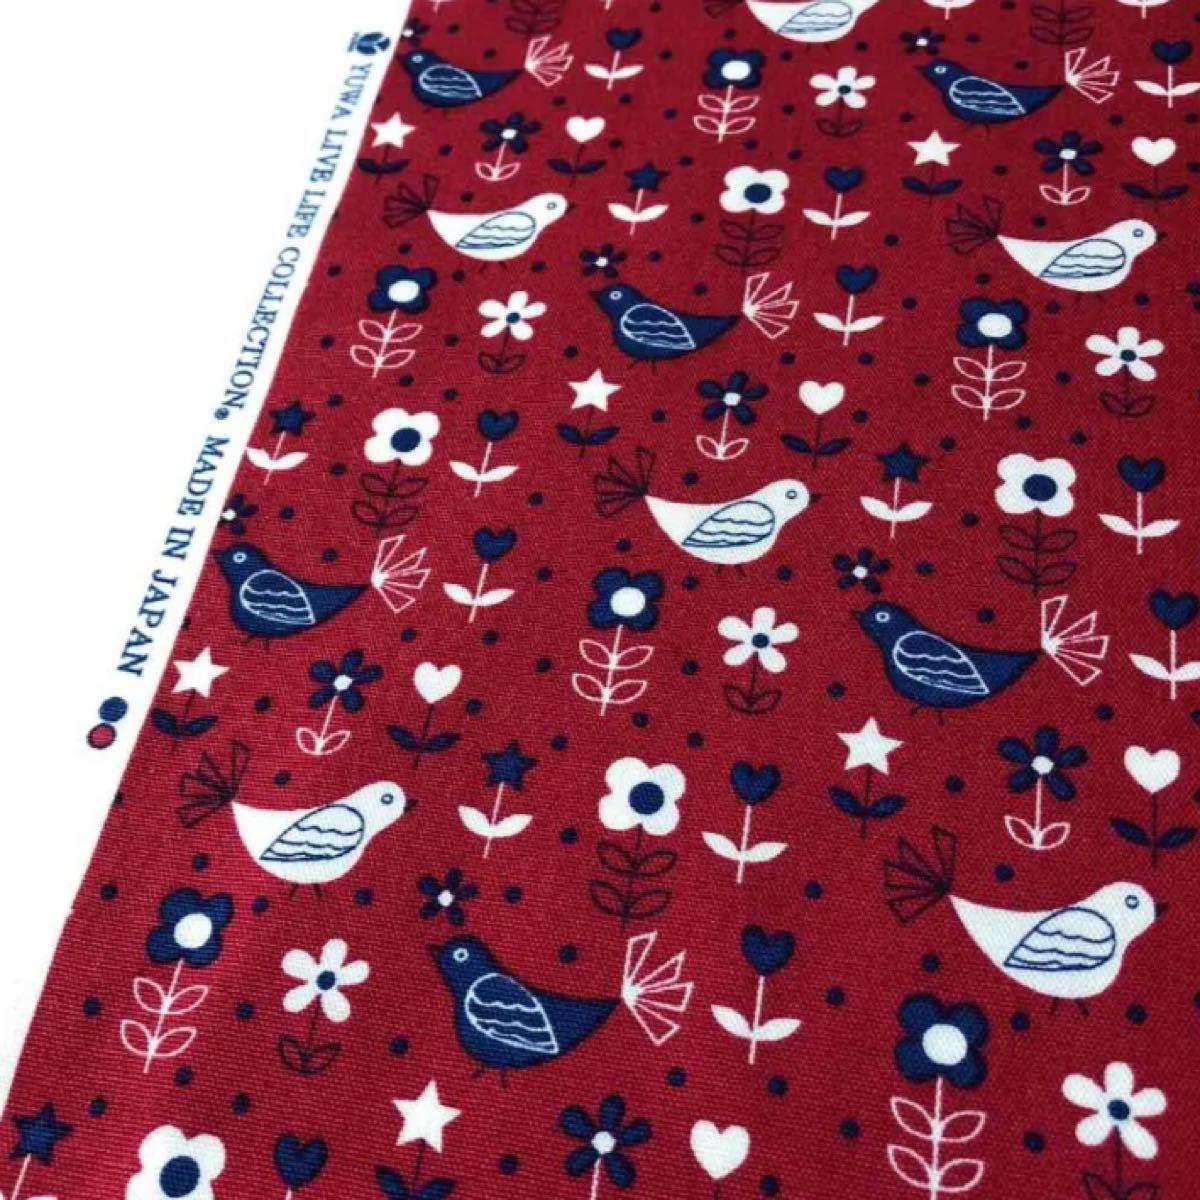 YUWA 小鳥とお花 レッド オックス 幅110×50 生地 ハギレ